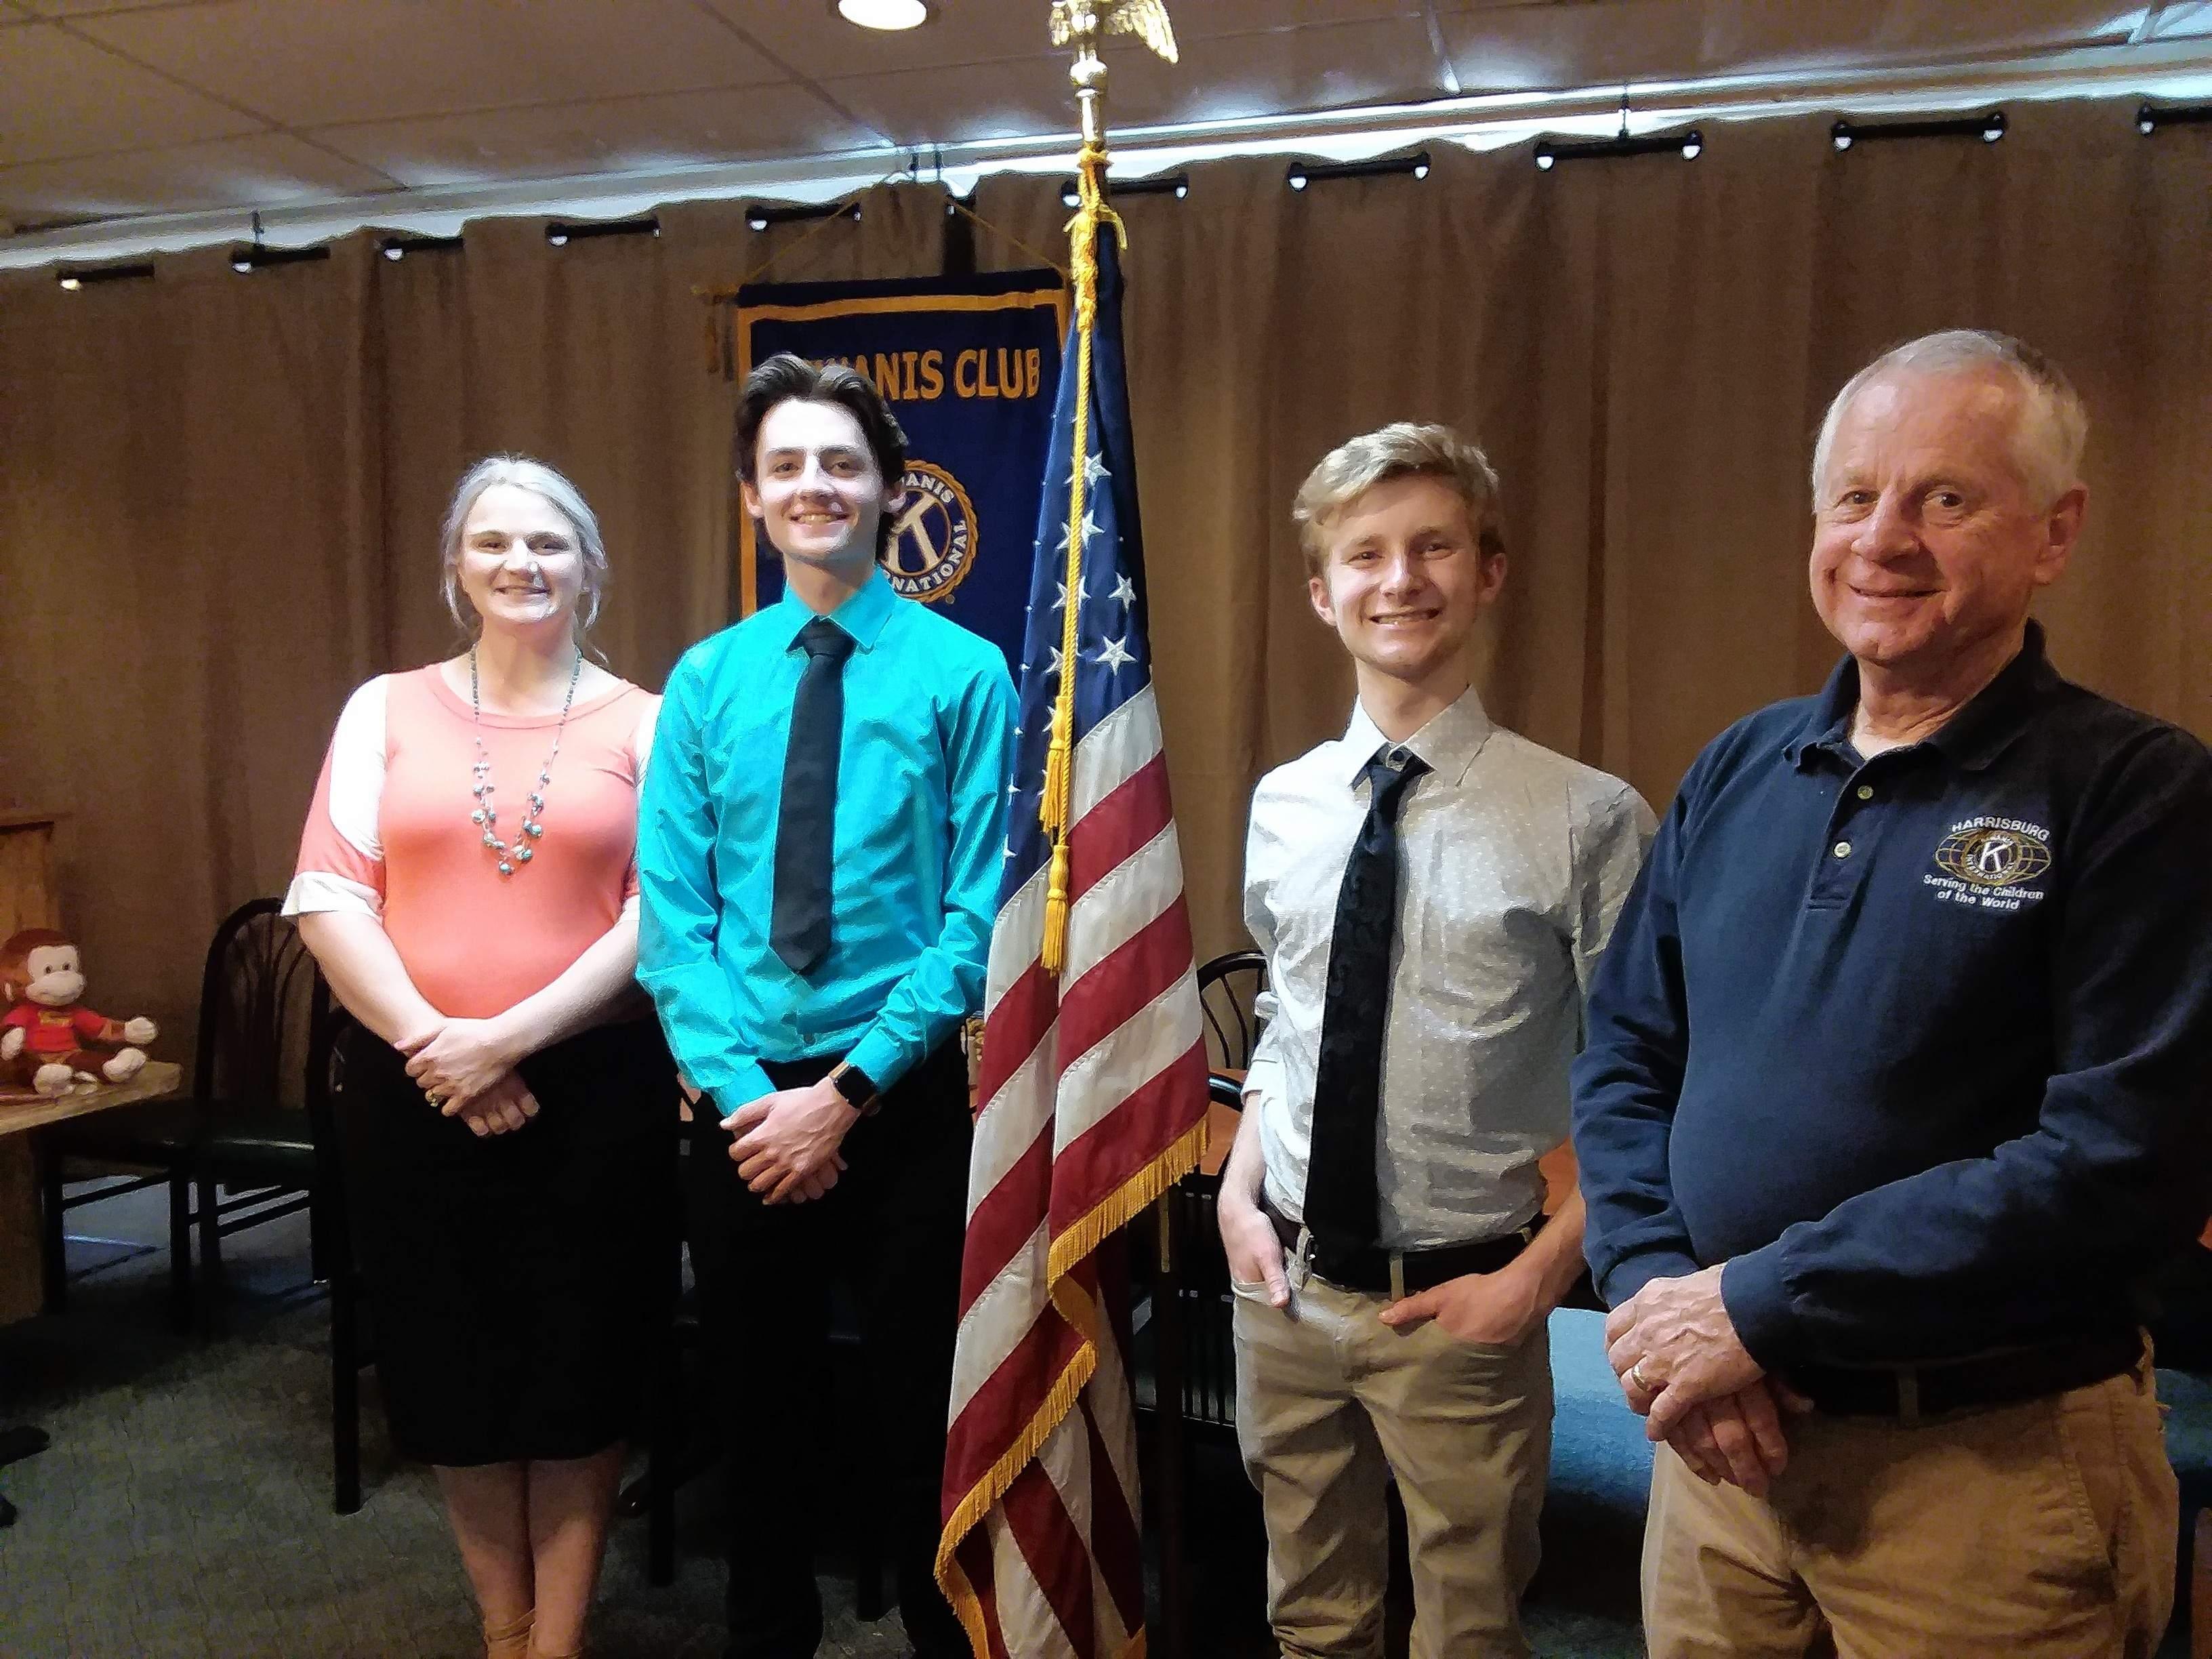 From left, Jessica Stevens, Kiwanis Vice President; Billy Lewis, Kayle Rister, Monty Field, program sponsor.